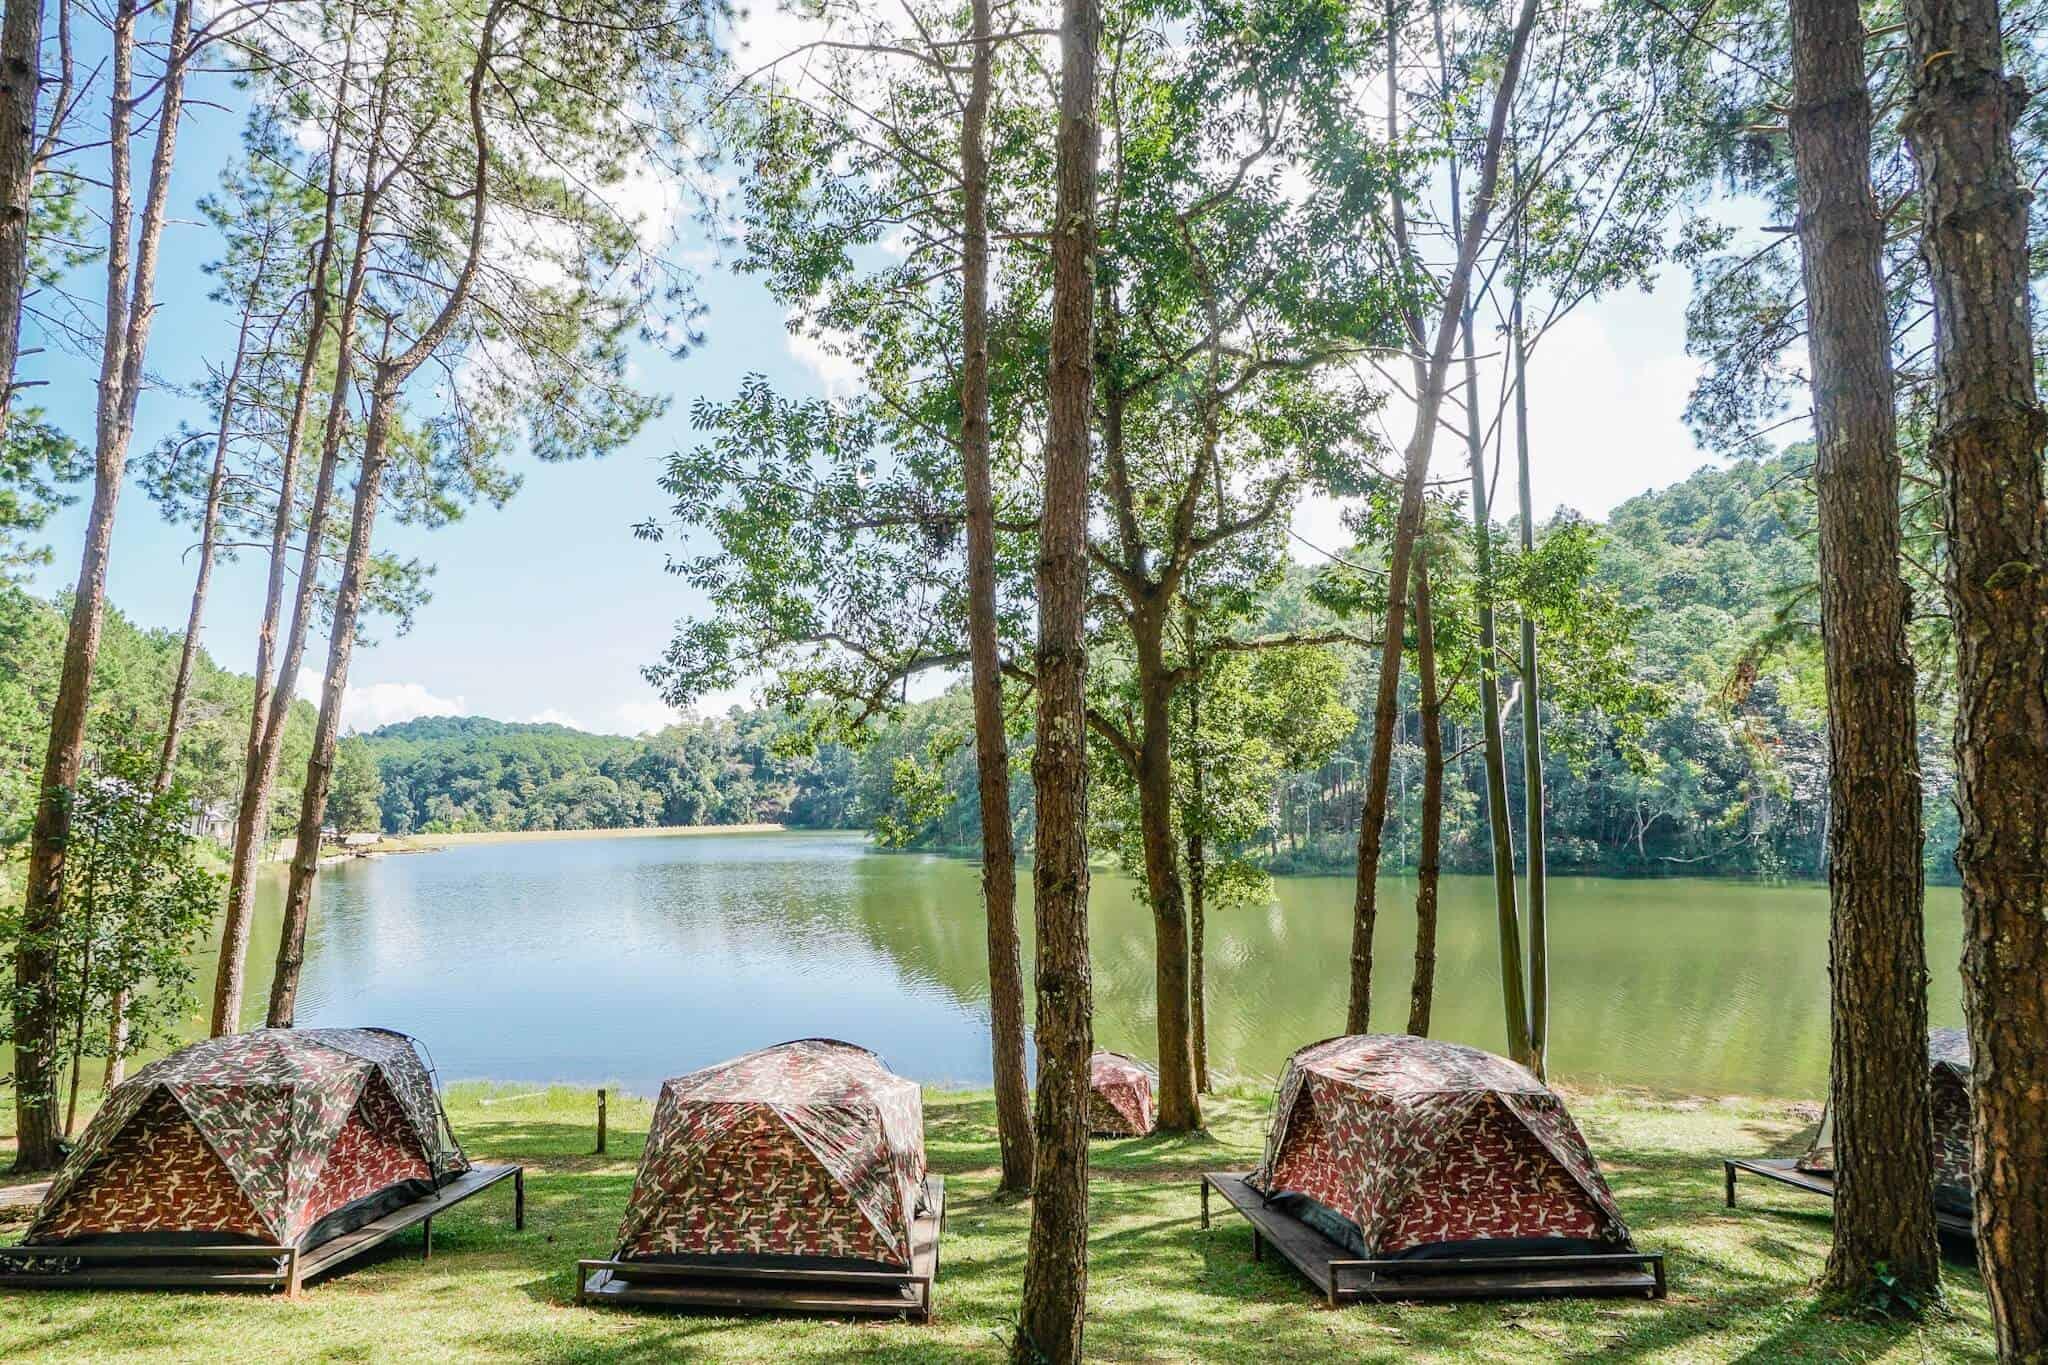 Camping Pang Ung